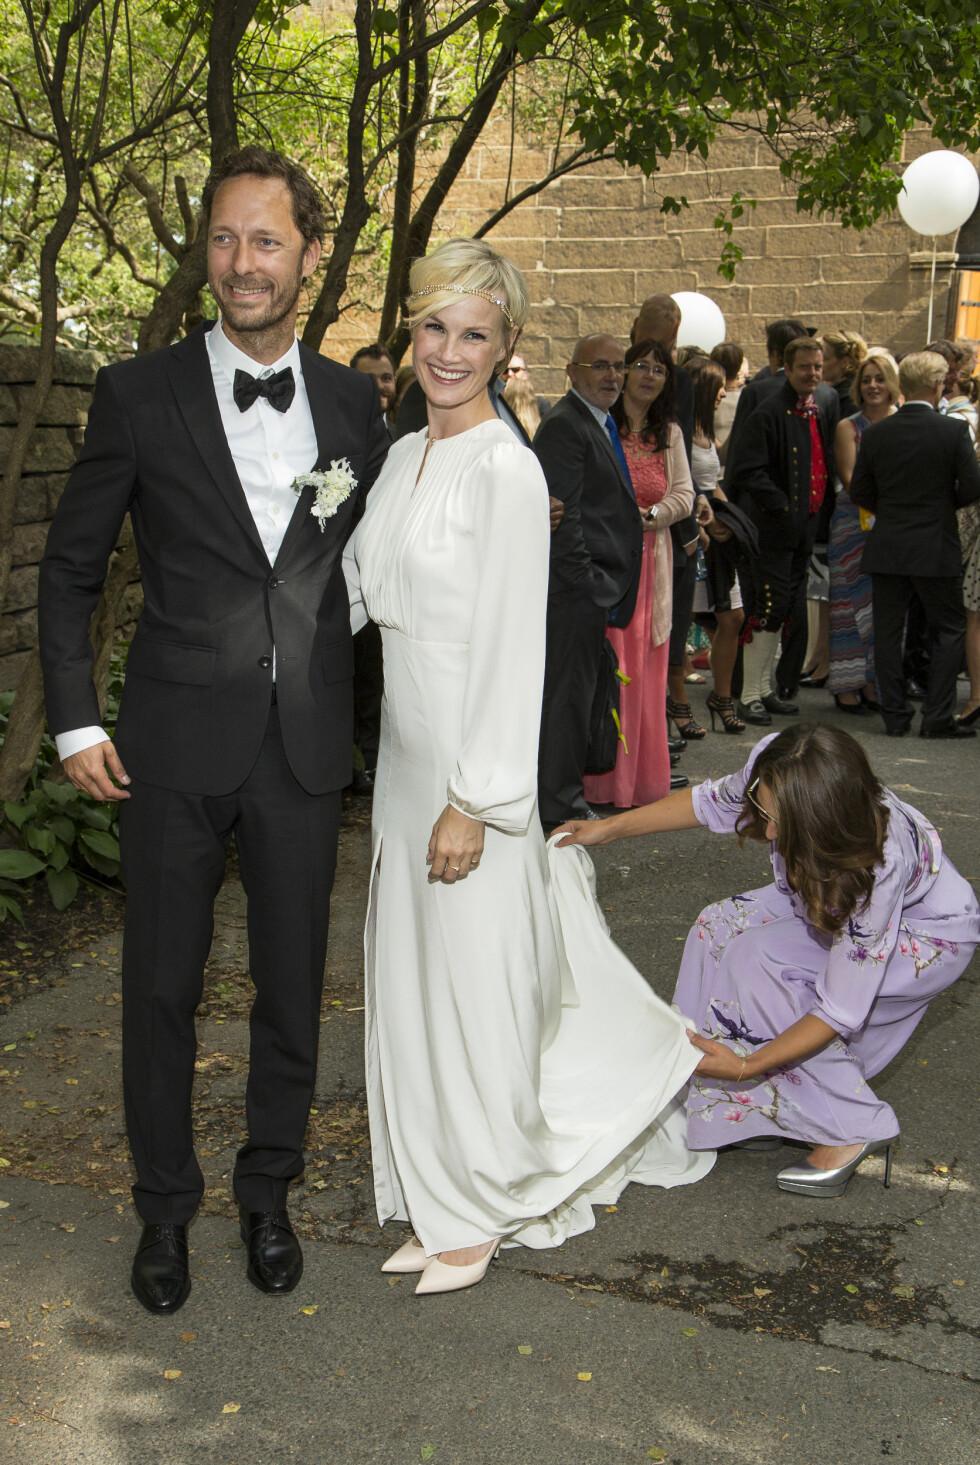 VAKKER: Lena Kristin Ellingsen var nydelig i brudekjolen sin, som var designet av venninnen og kjoledesigneren Pia Tjelta - som trådte til for å rette på kjolen da bildene skulle tas. Foto: Tor Lindseth